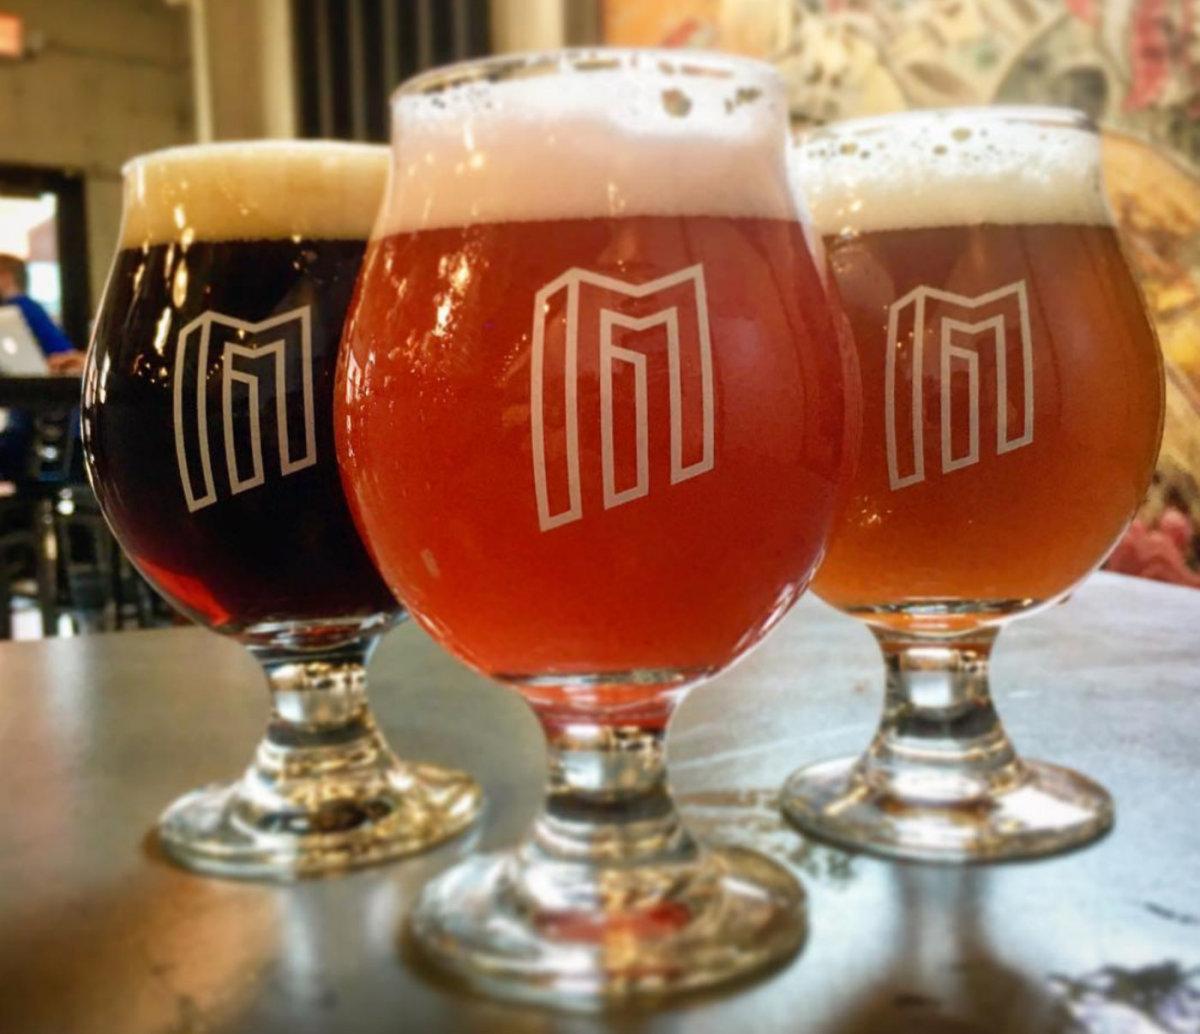 Minneapolis Sunday Tasting Tour 2:00 pm to 5:00 pm